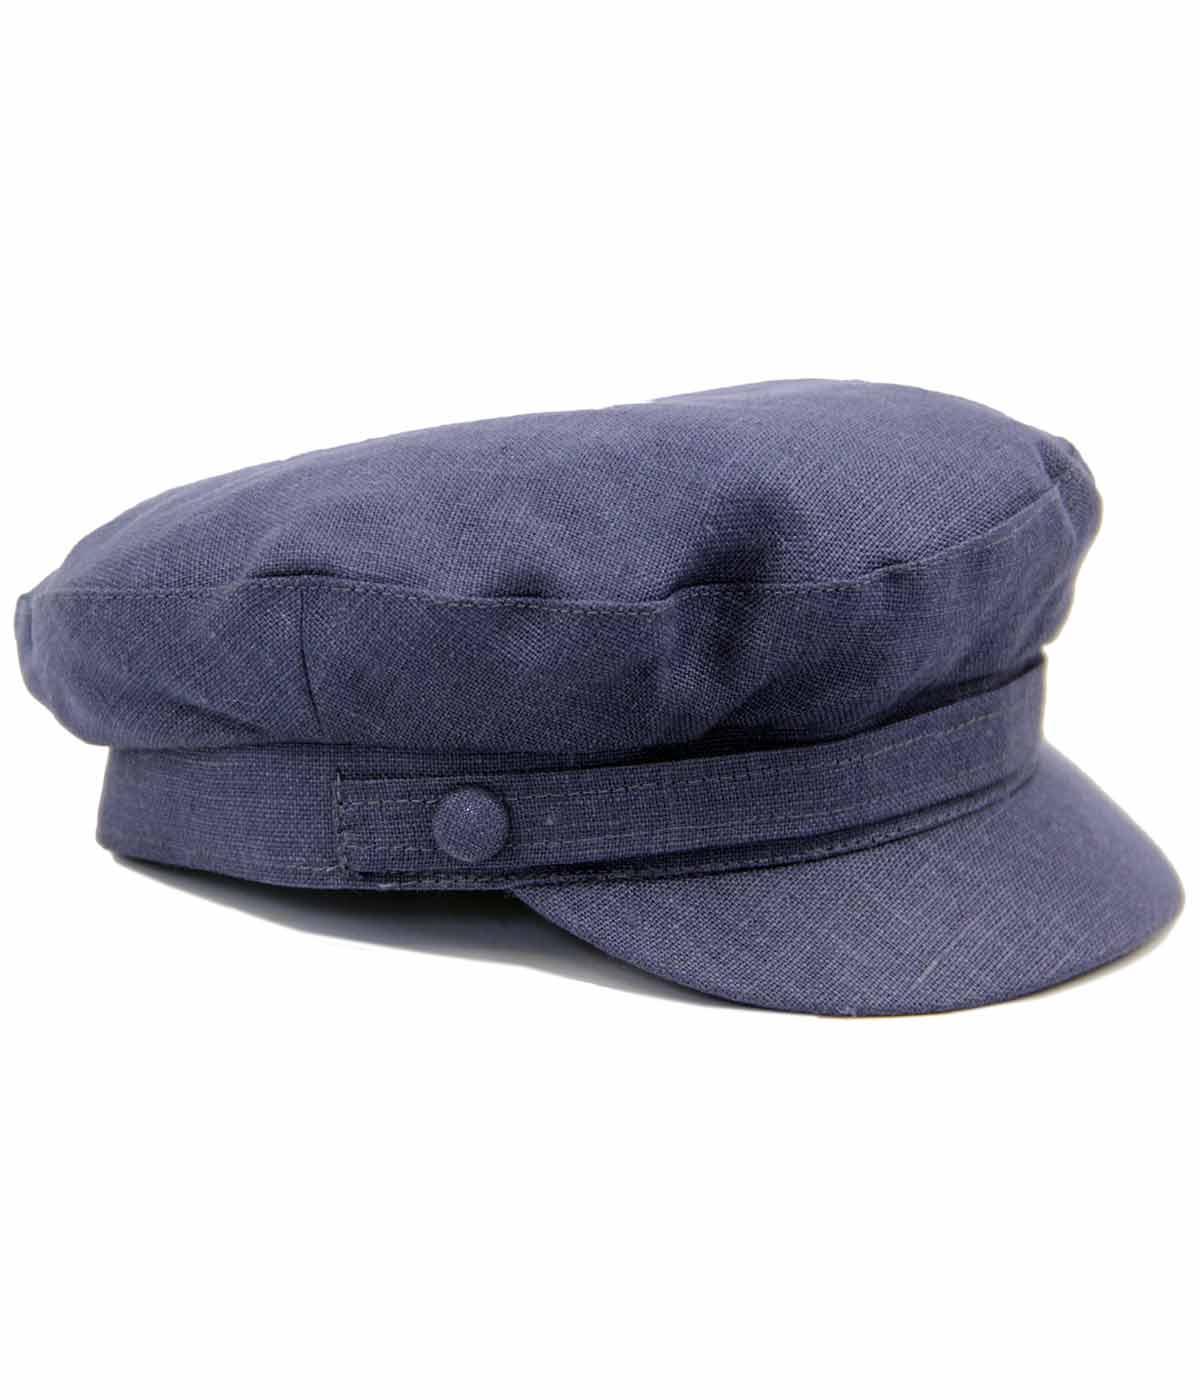 FAILSWORTH Retro Mod Irish Linen Beatle Hat NAVY